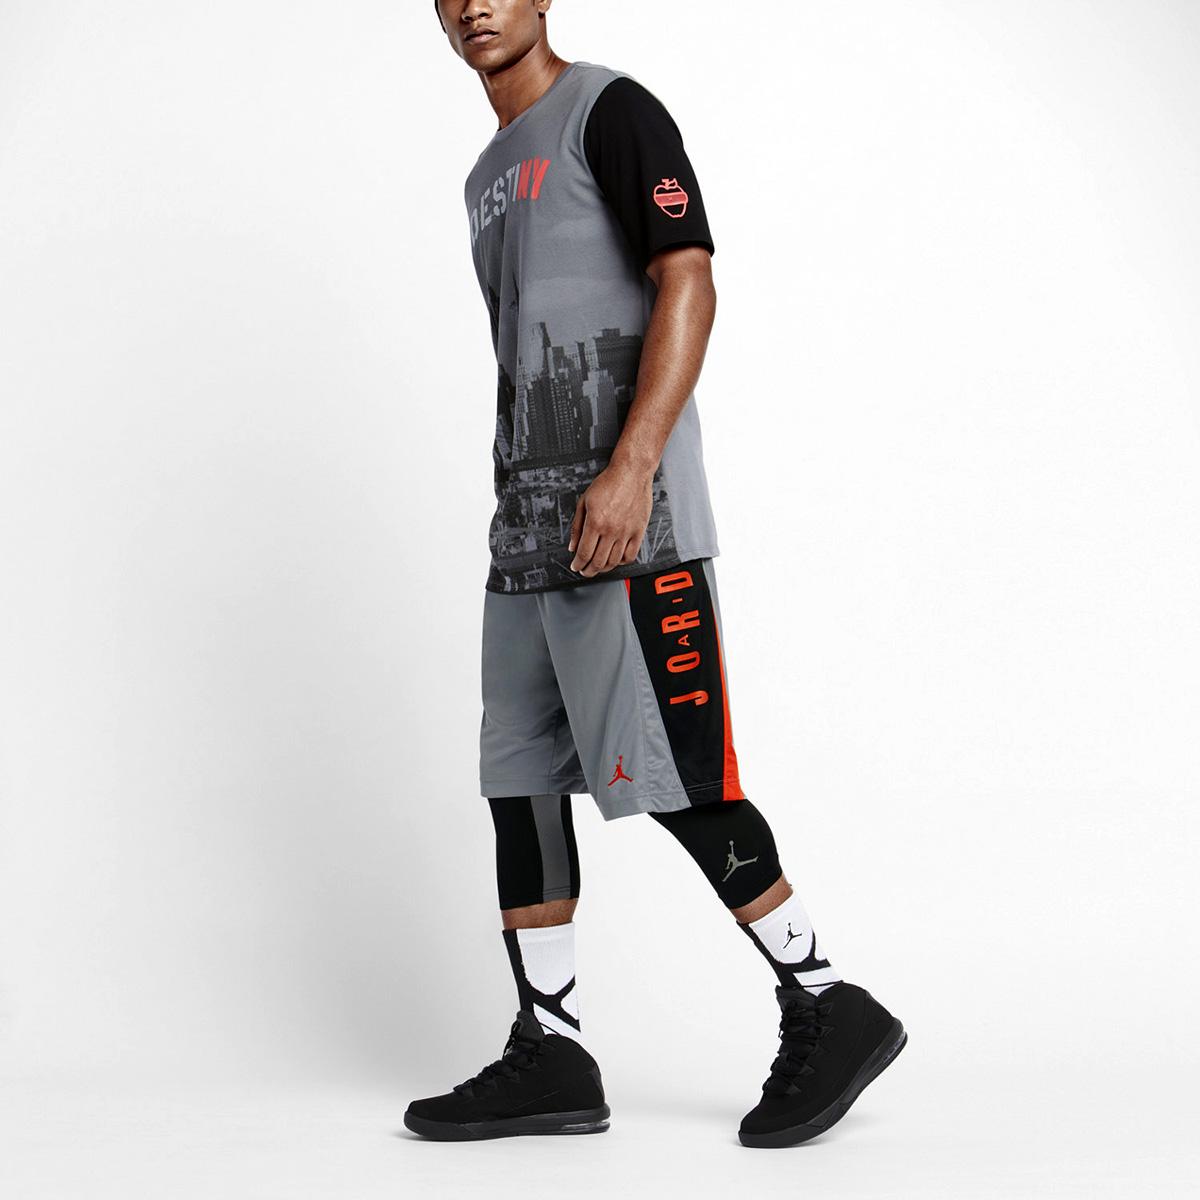 Jordan Takeover Basketball Shorts Basketball Goods